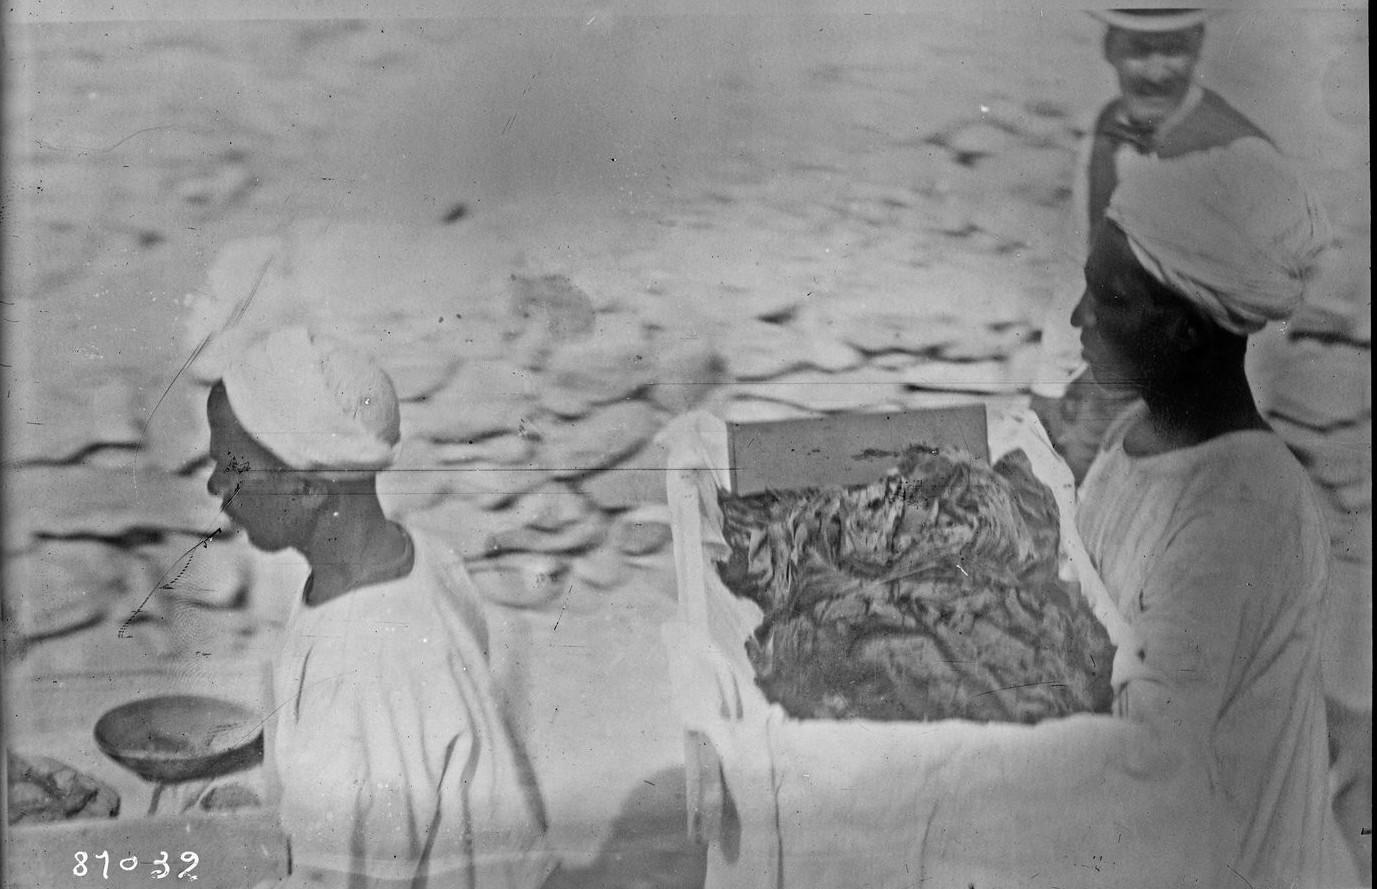 Транспортировка сокровищ из гробницы фараона